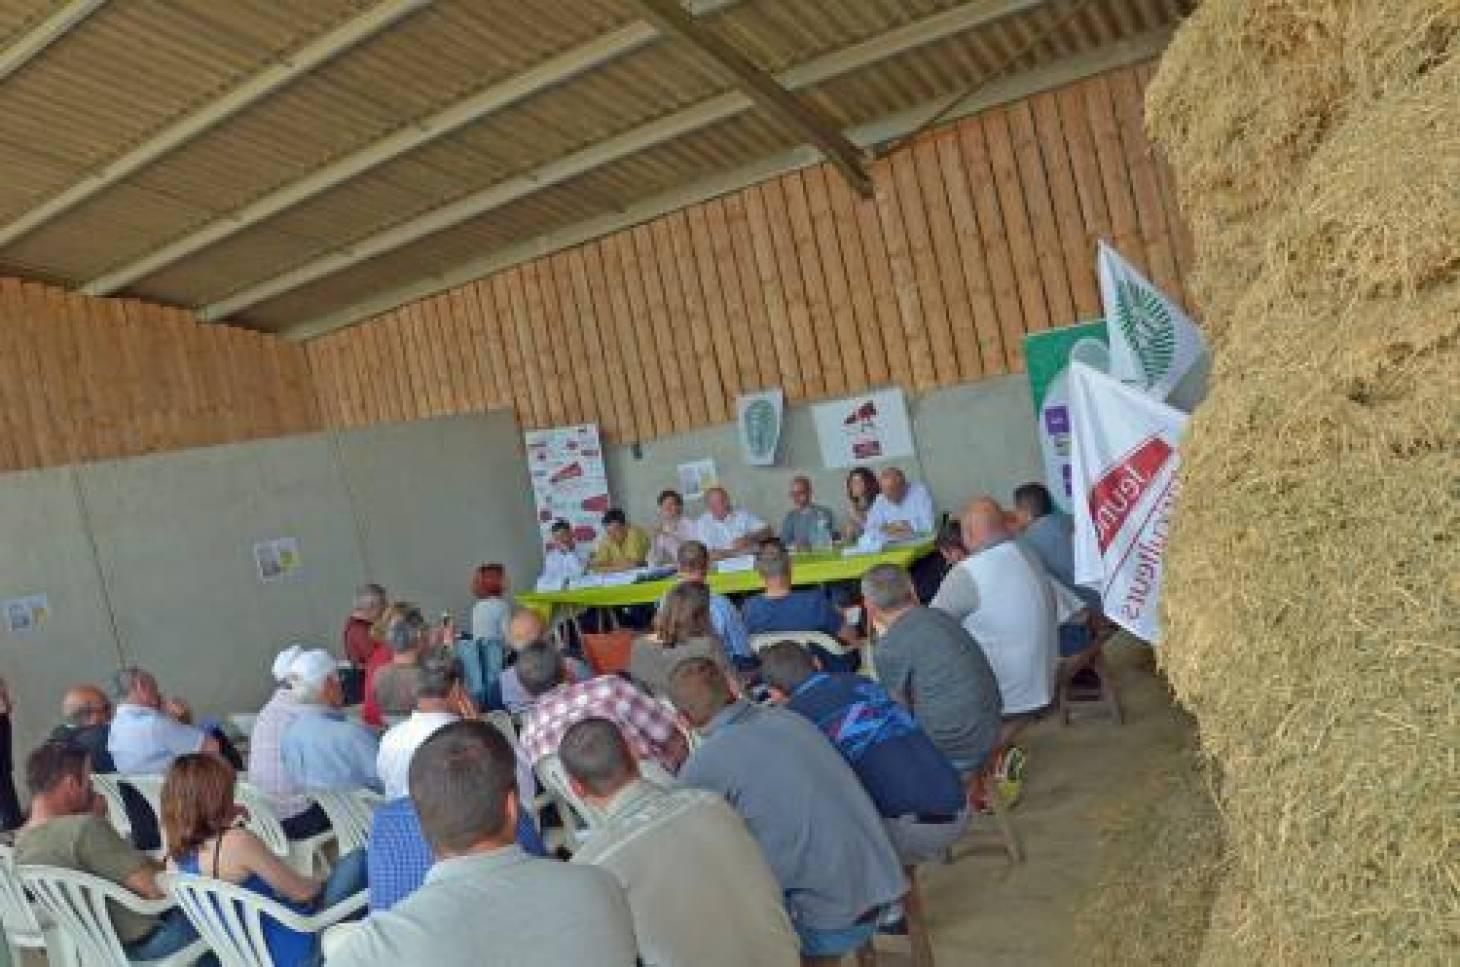 Législatives - Les agriculteurs débattent avec les candidats